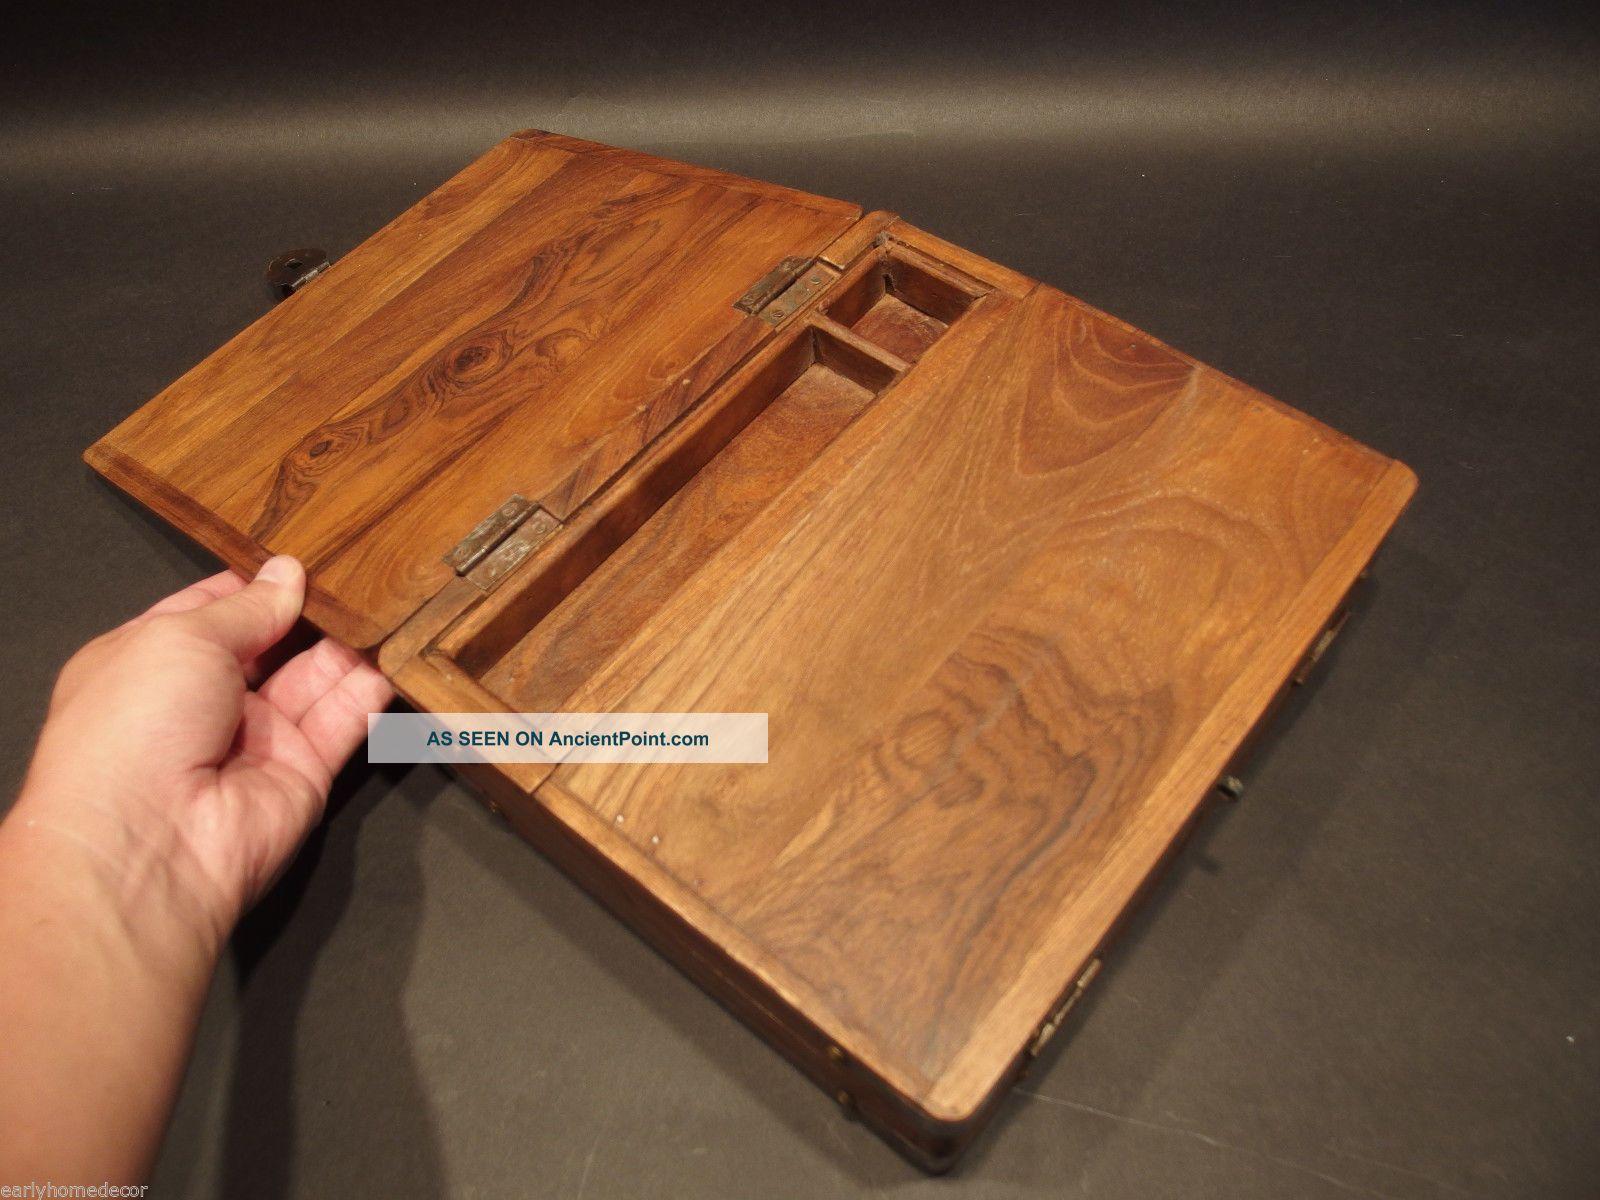 Antique Vintage Style Folding Doent Writing Slope Lap Desk Campaign Box